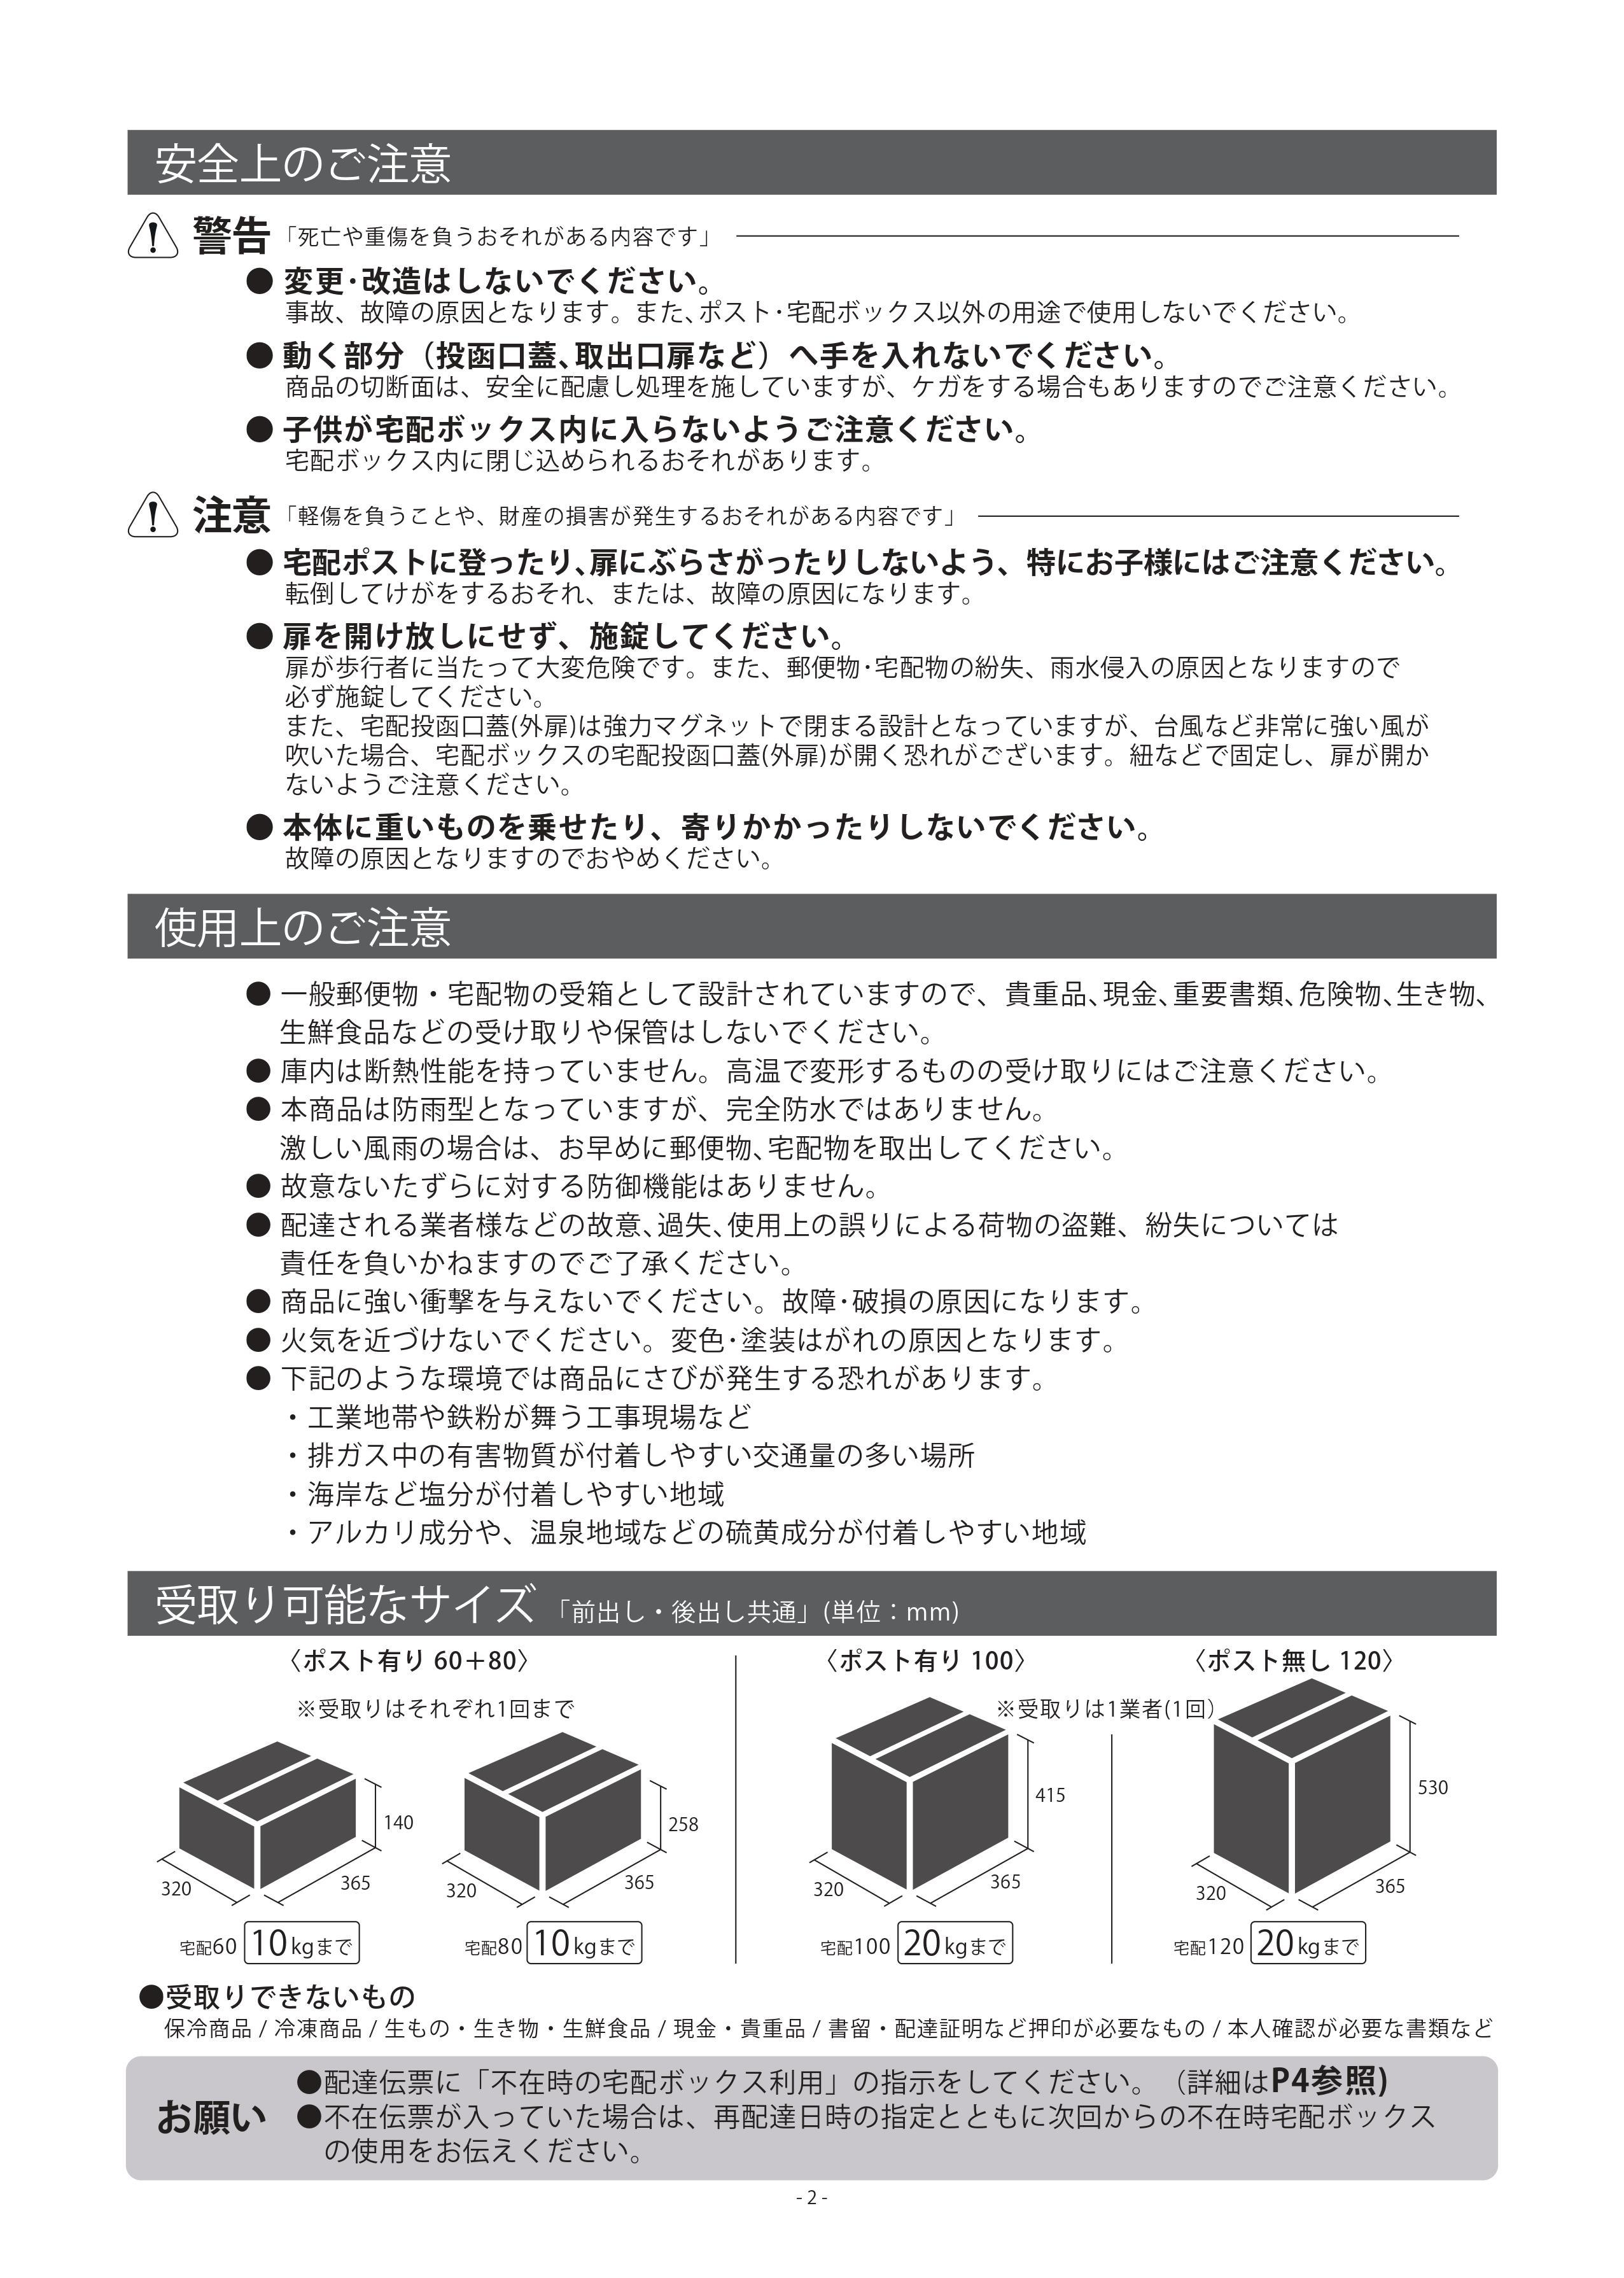 ヴィコDB 取り扱い説明書 (2)